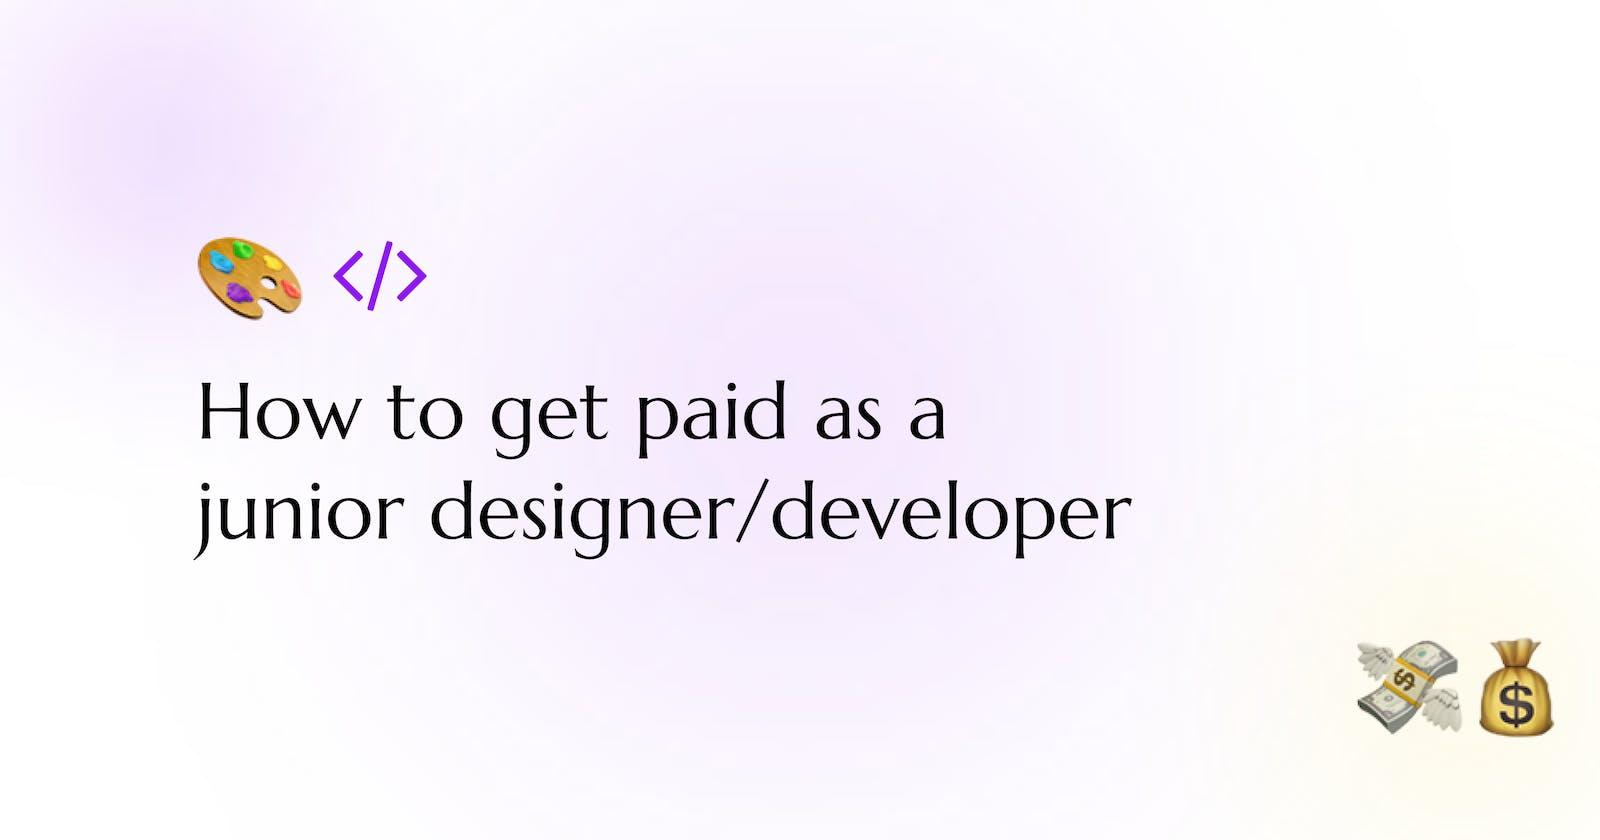 How to make money as a junior designer or developer